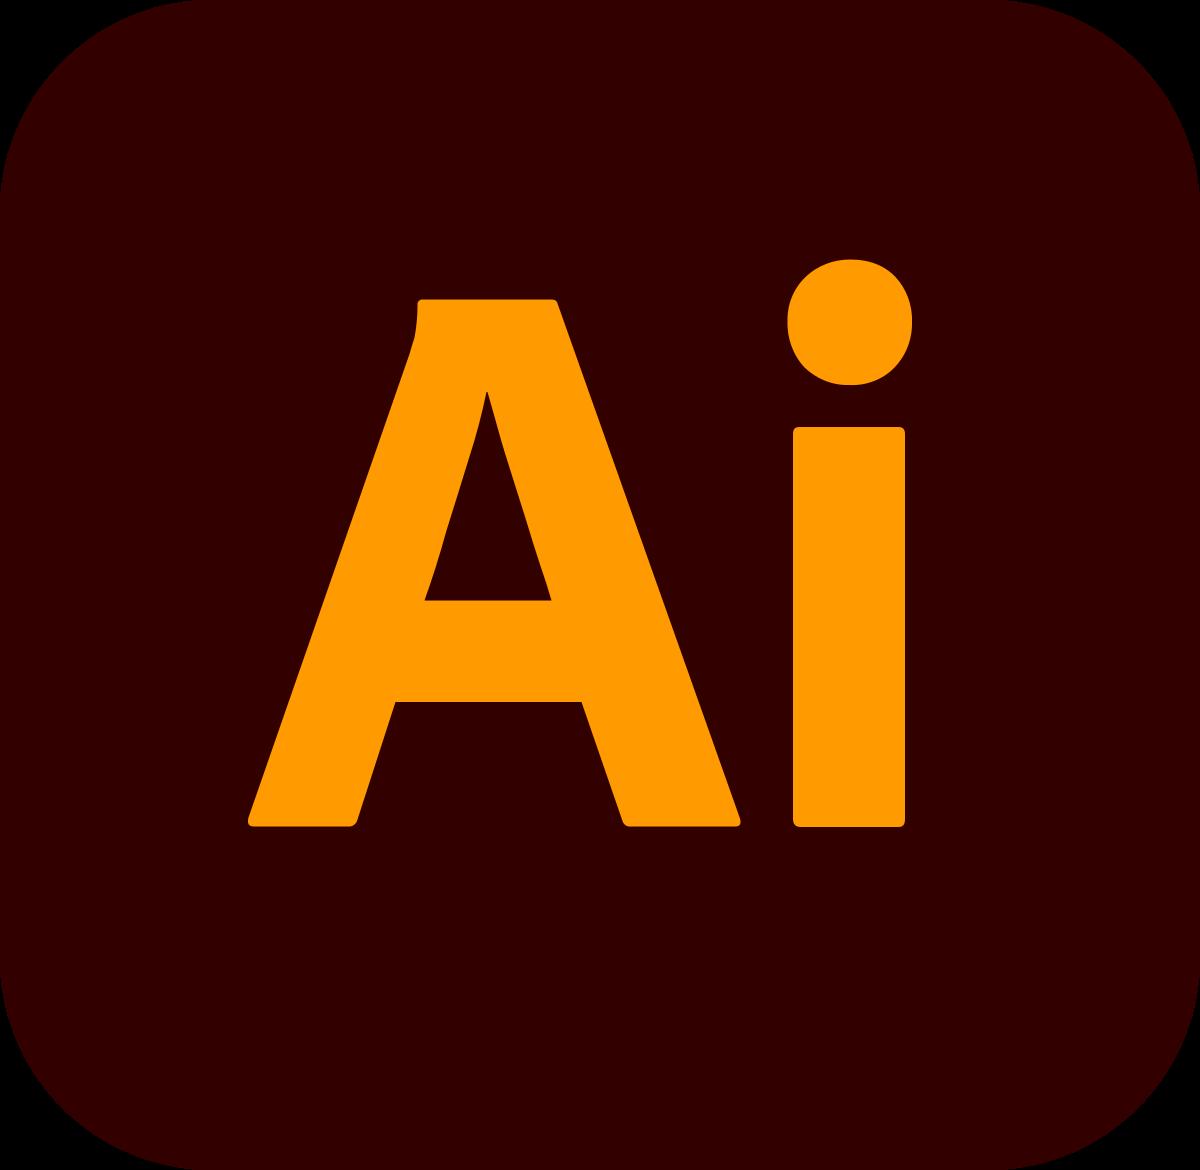 Adobe Illustrate logo